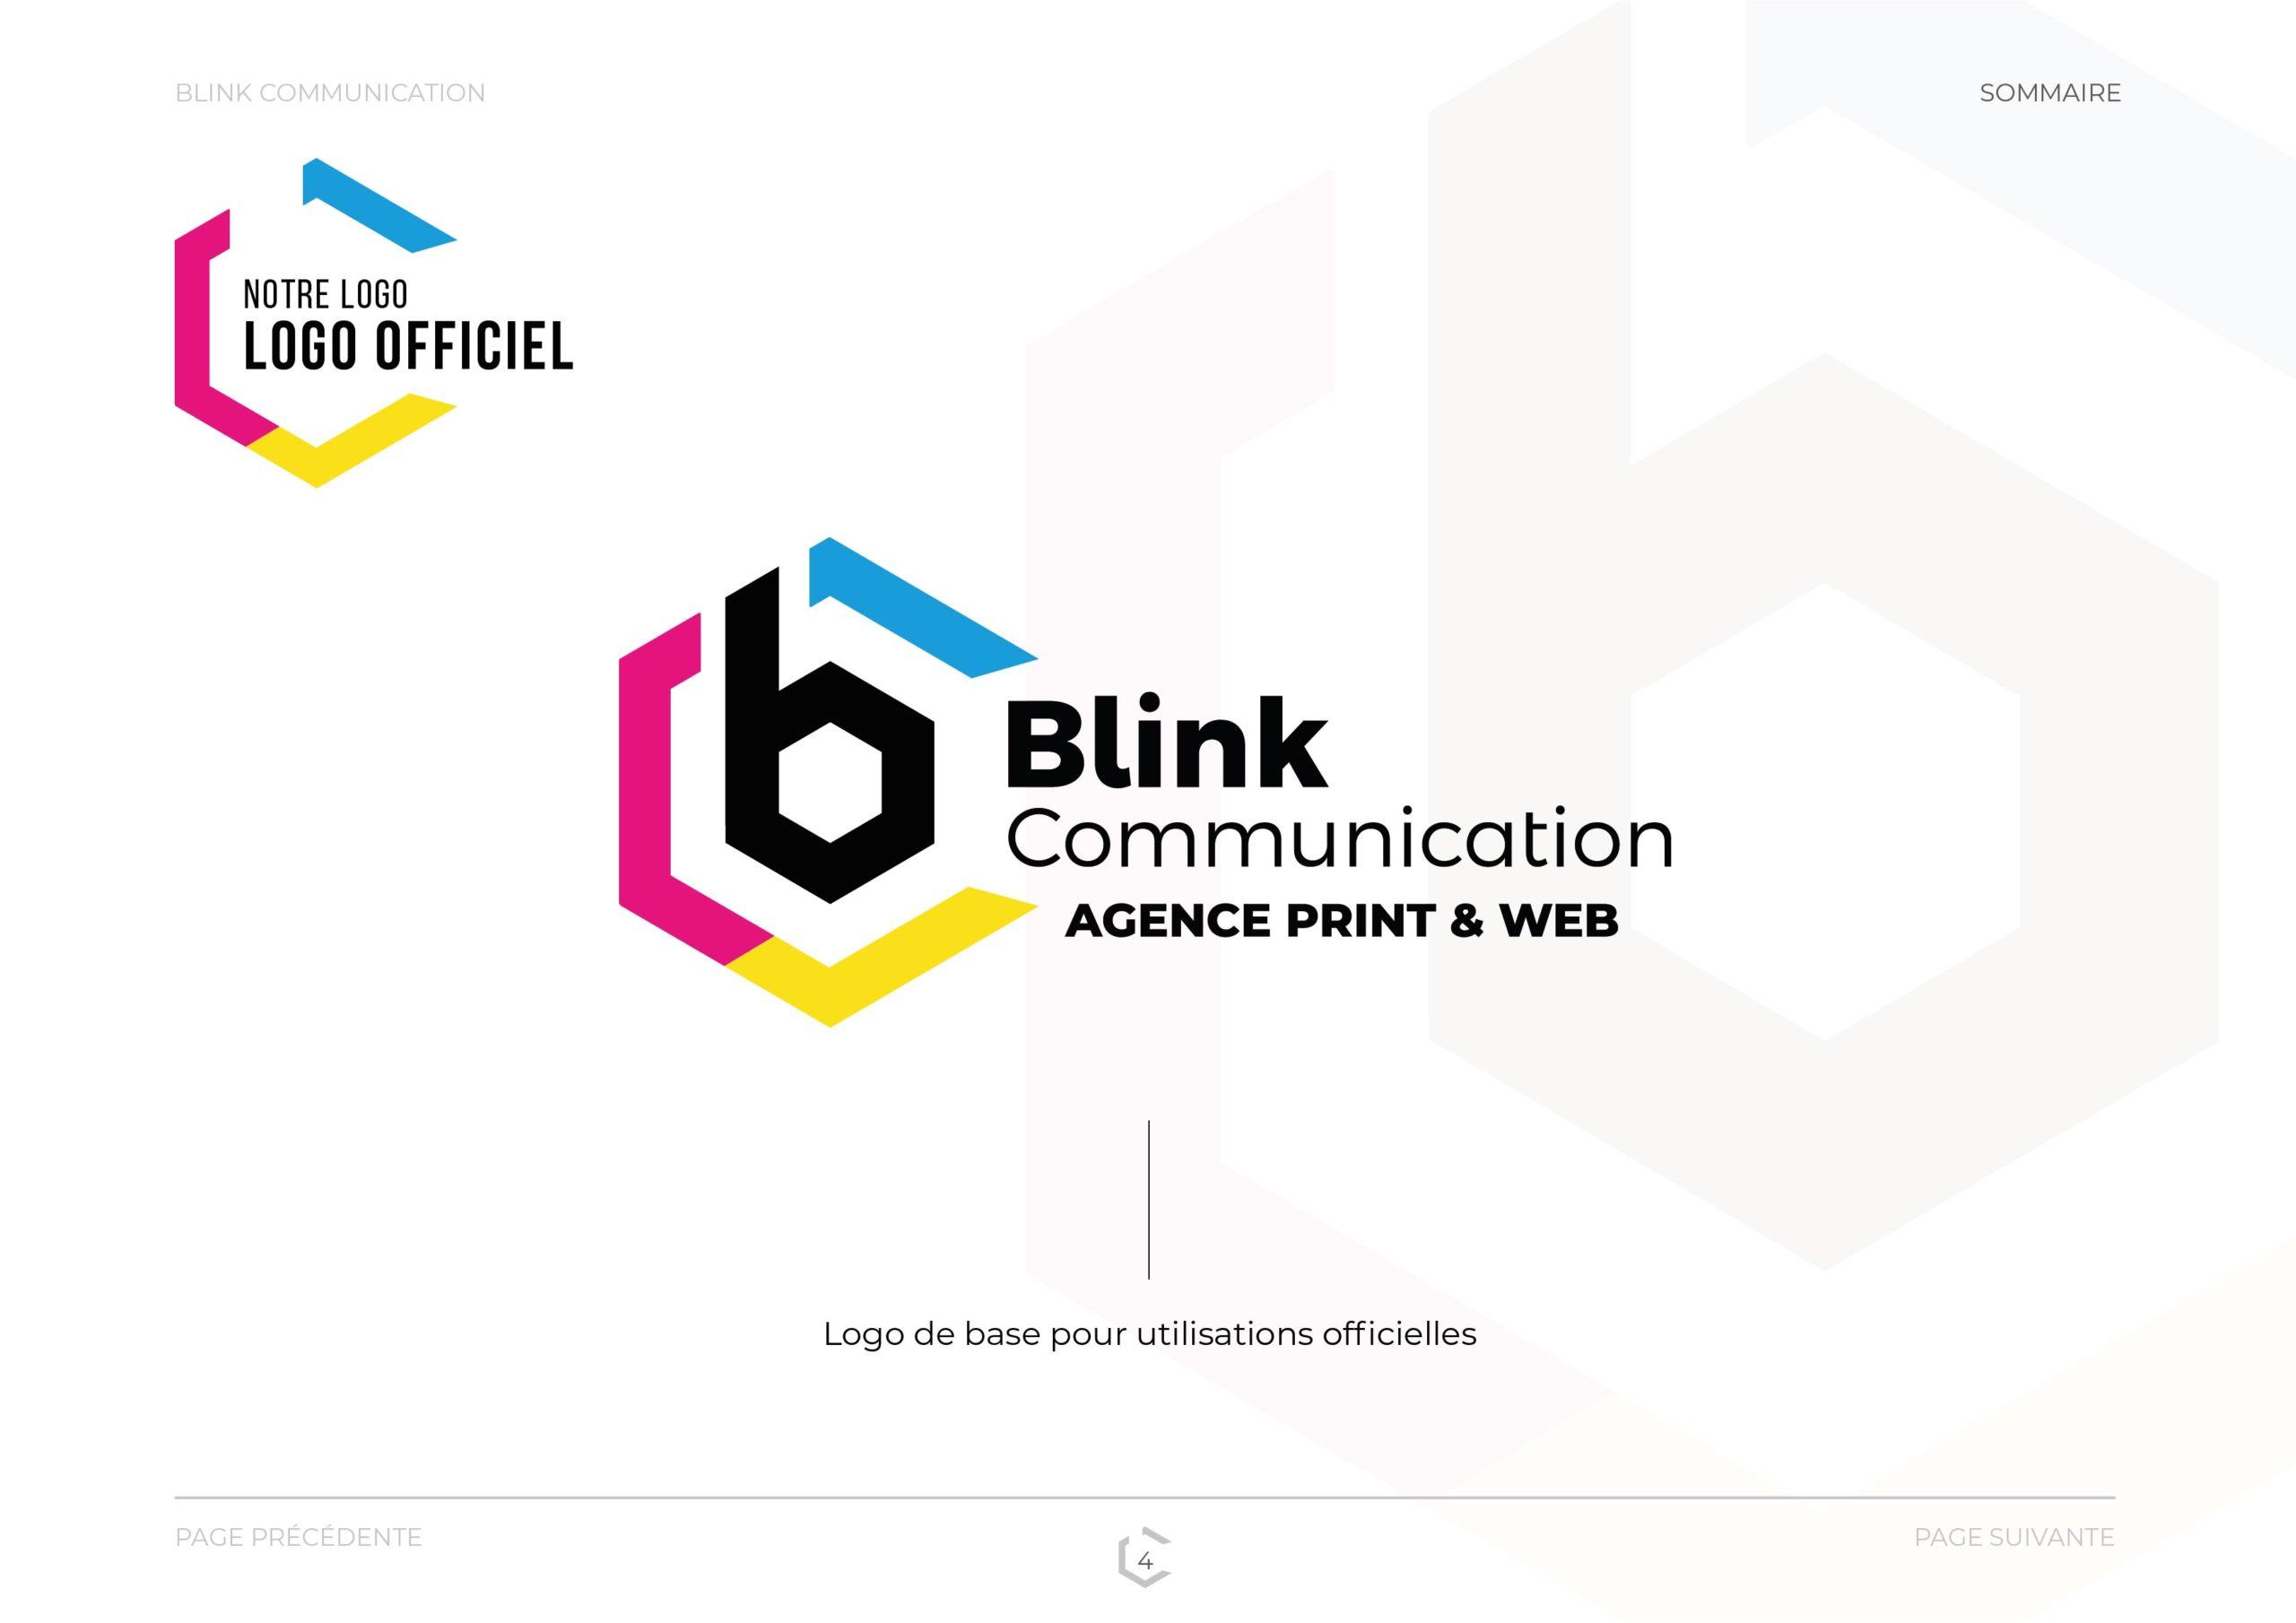 CG - Le logo